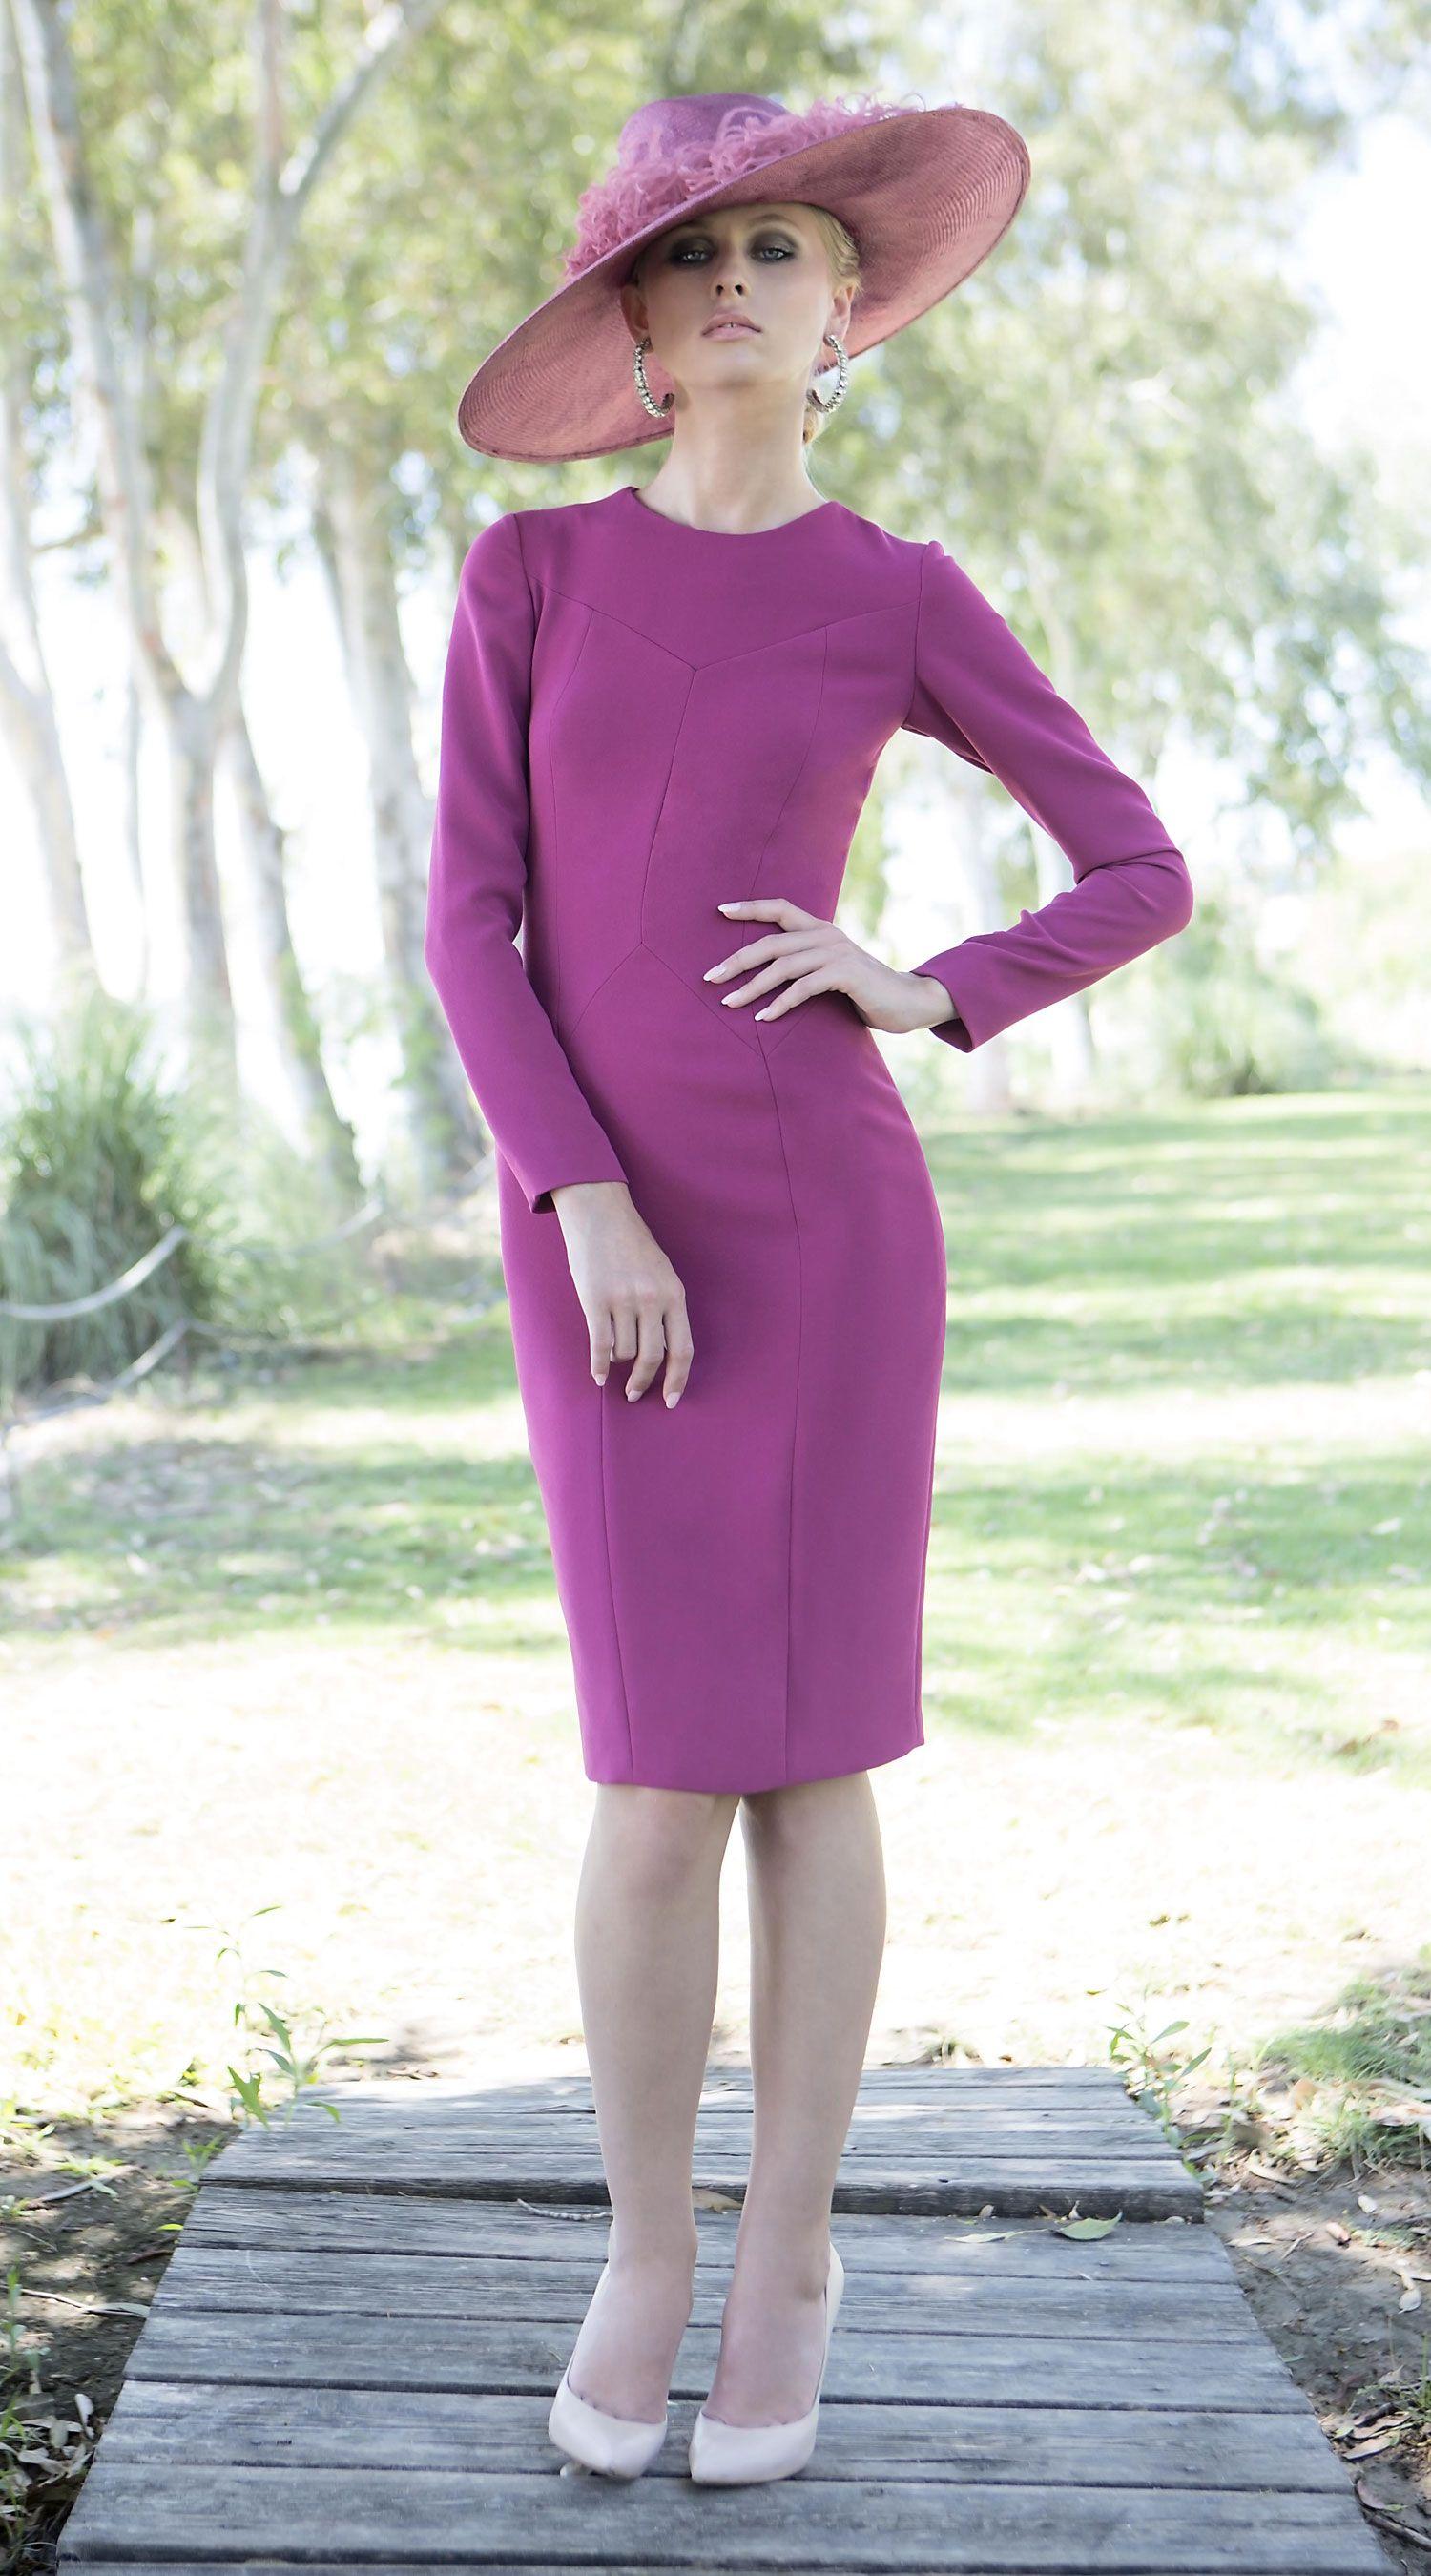 orleans | vestidos | Pinterest | Trajes elegantes, Alsacia y Vestiditos